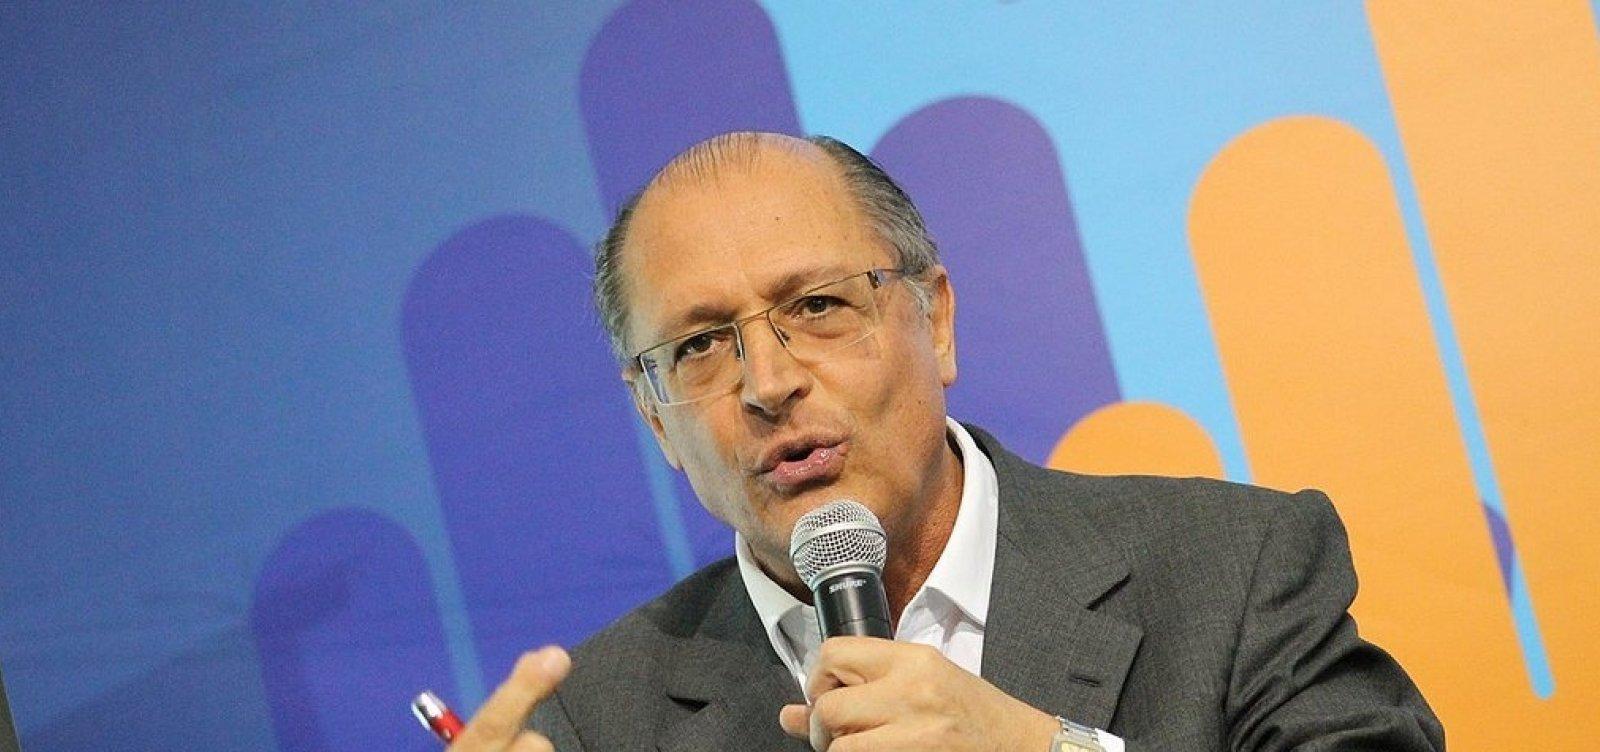 Alckmin defende Folha de São Paulo e diz que Bolsonaro 'começou mal'